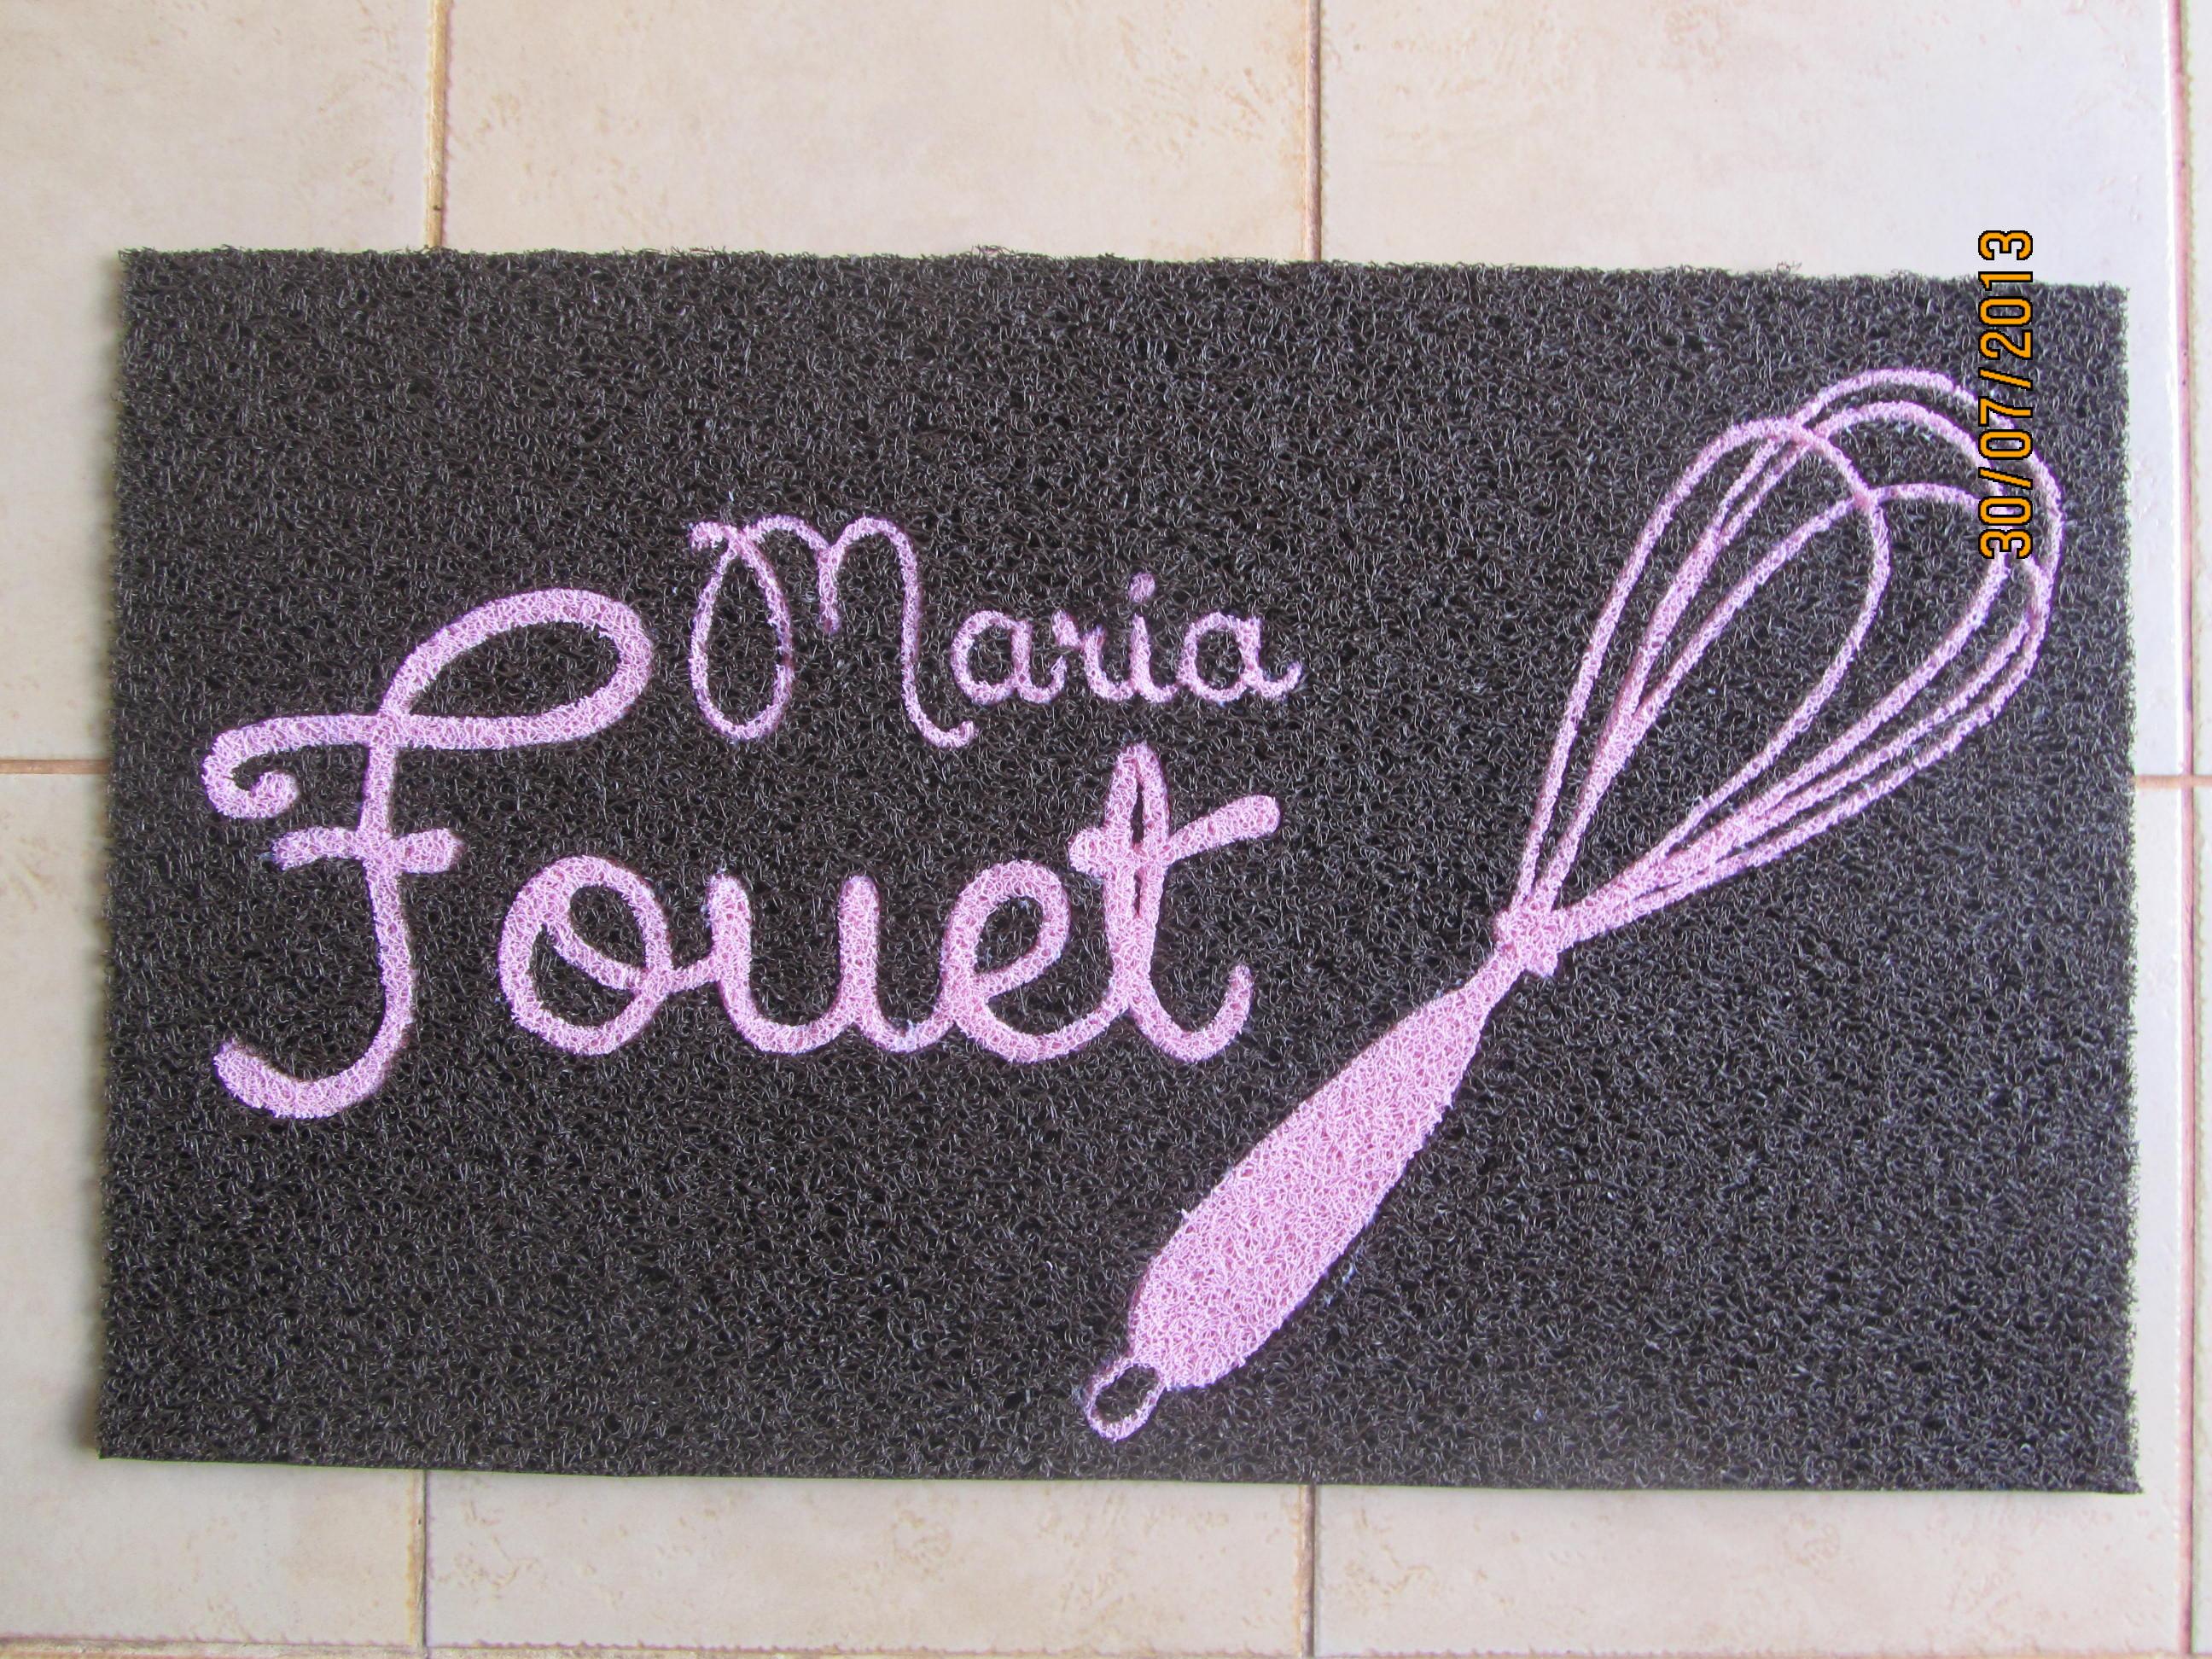 Maria Fouet